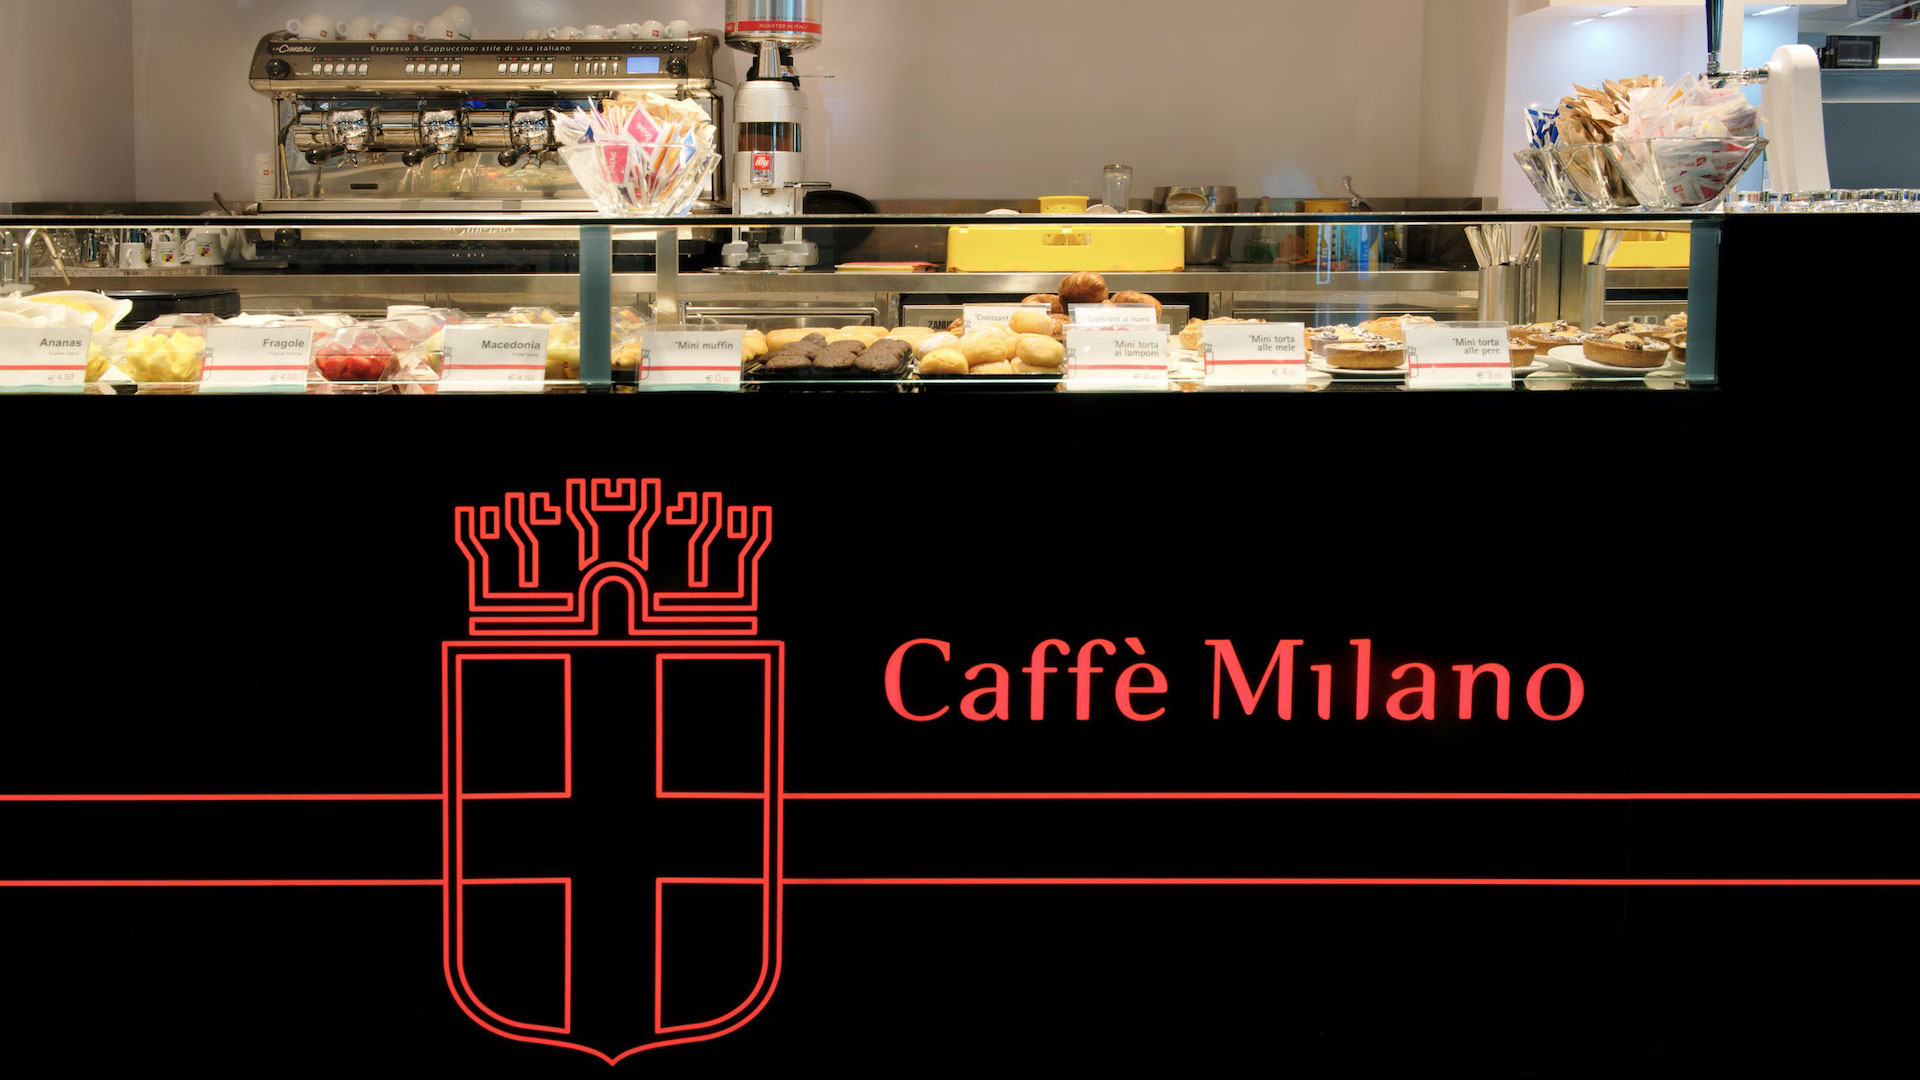 Caff milano ciani arredamenti for Ciani arredamenti